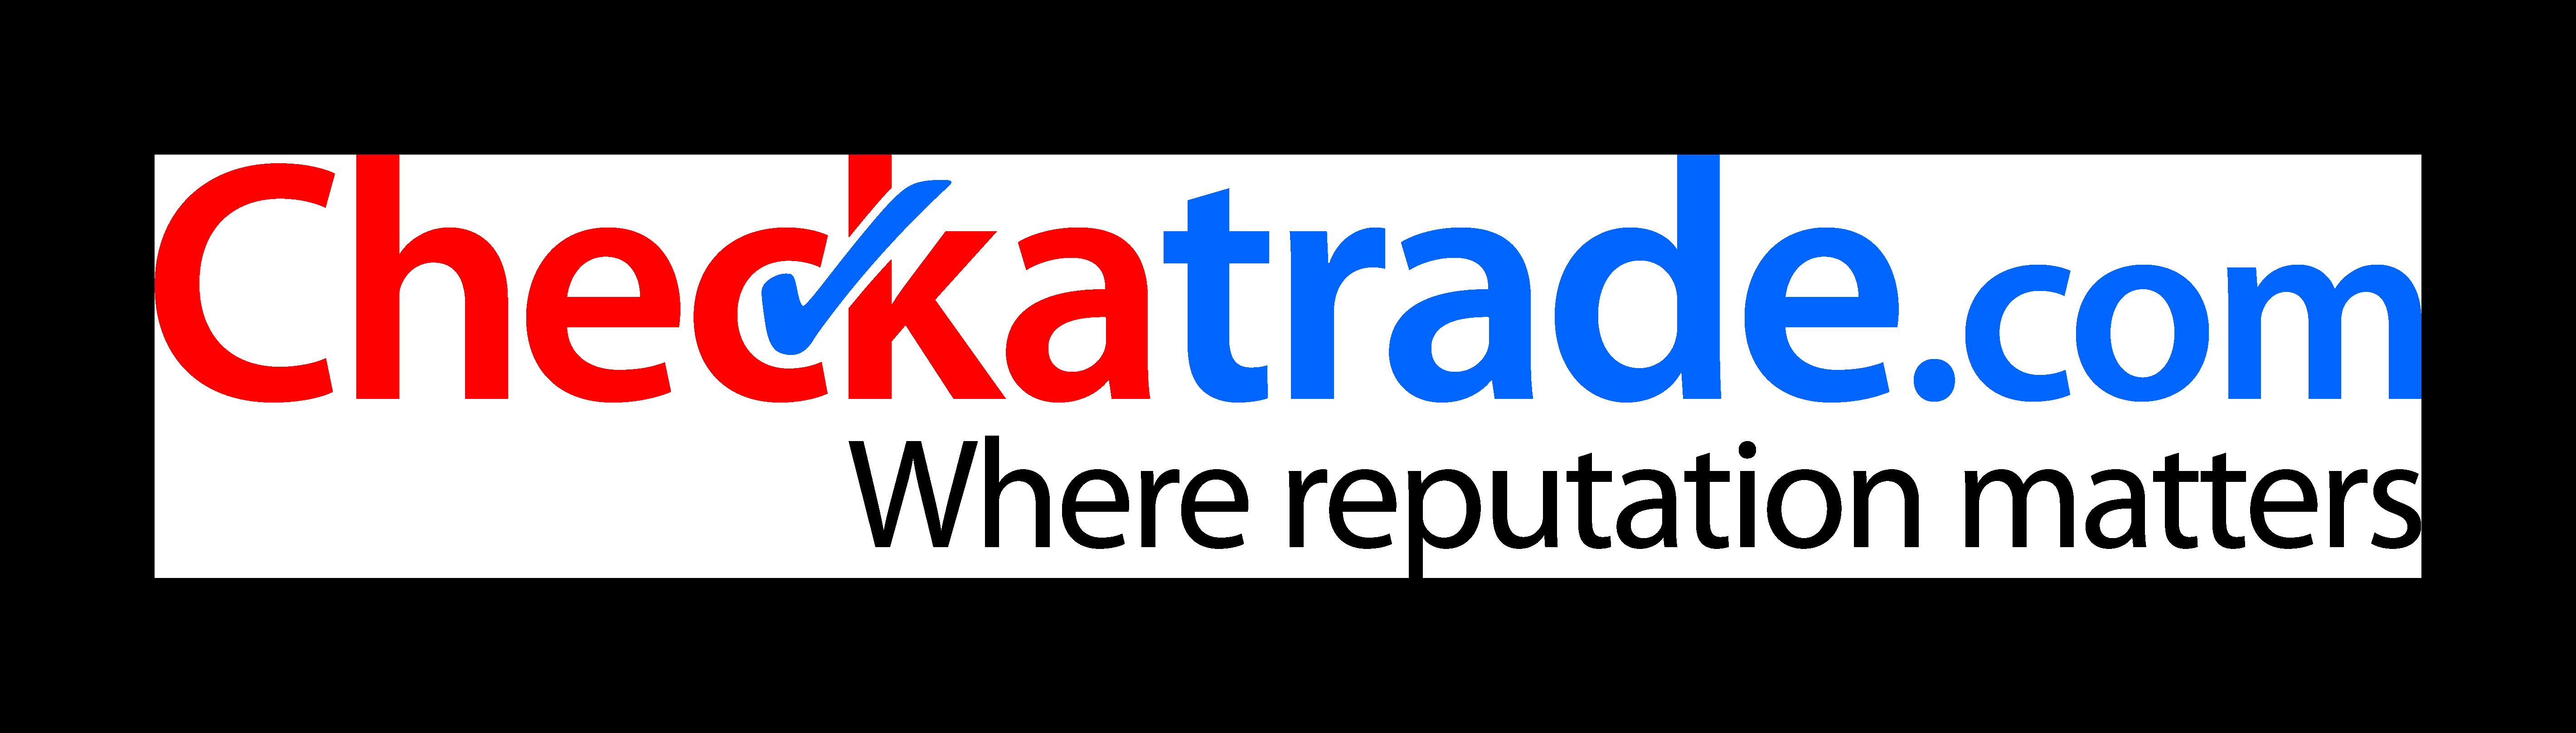 checkatrade.com-strapline-2